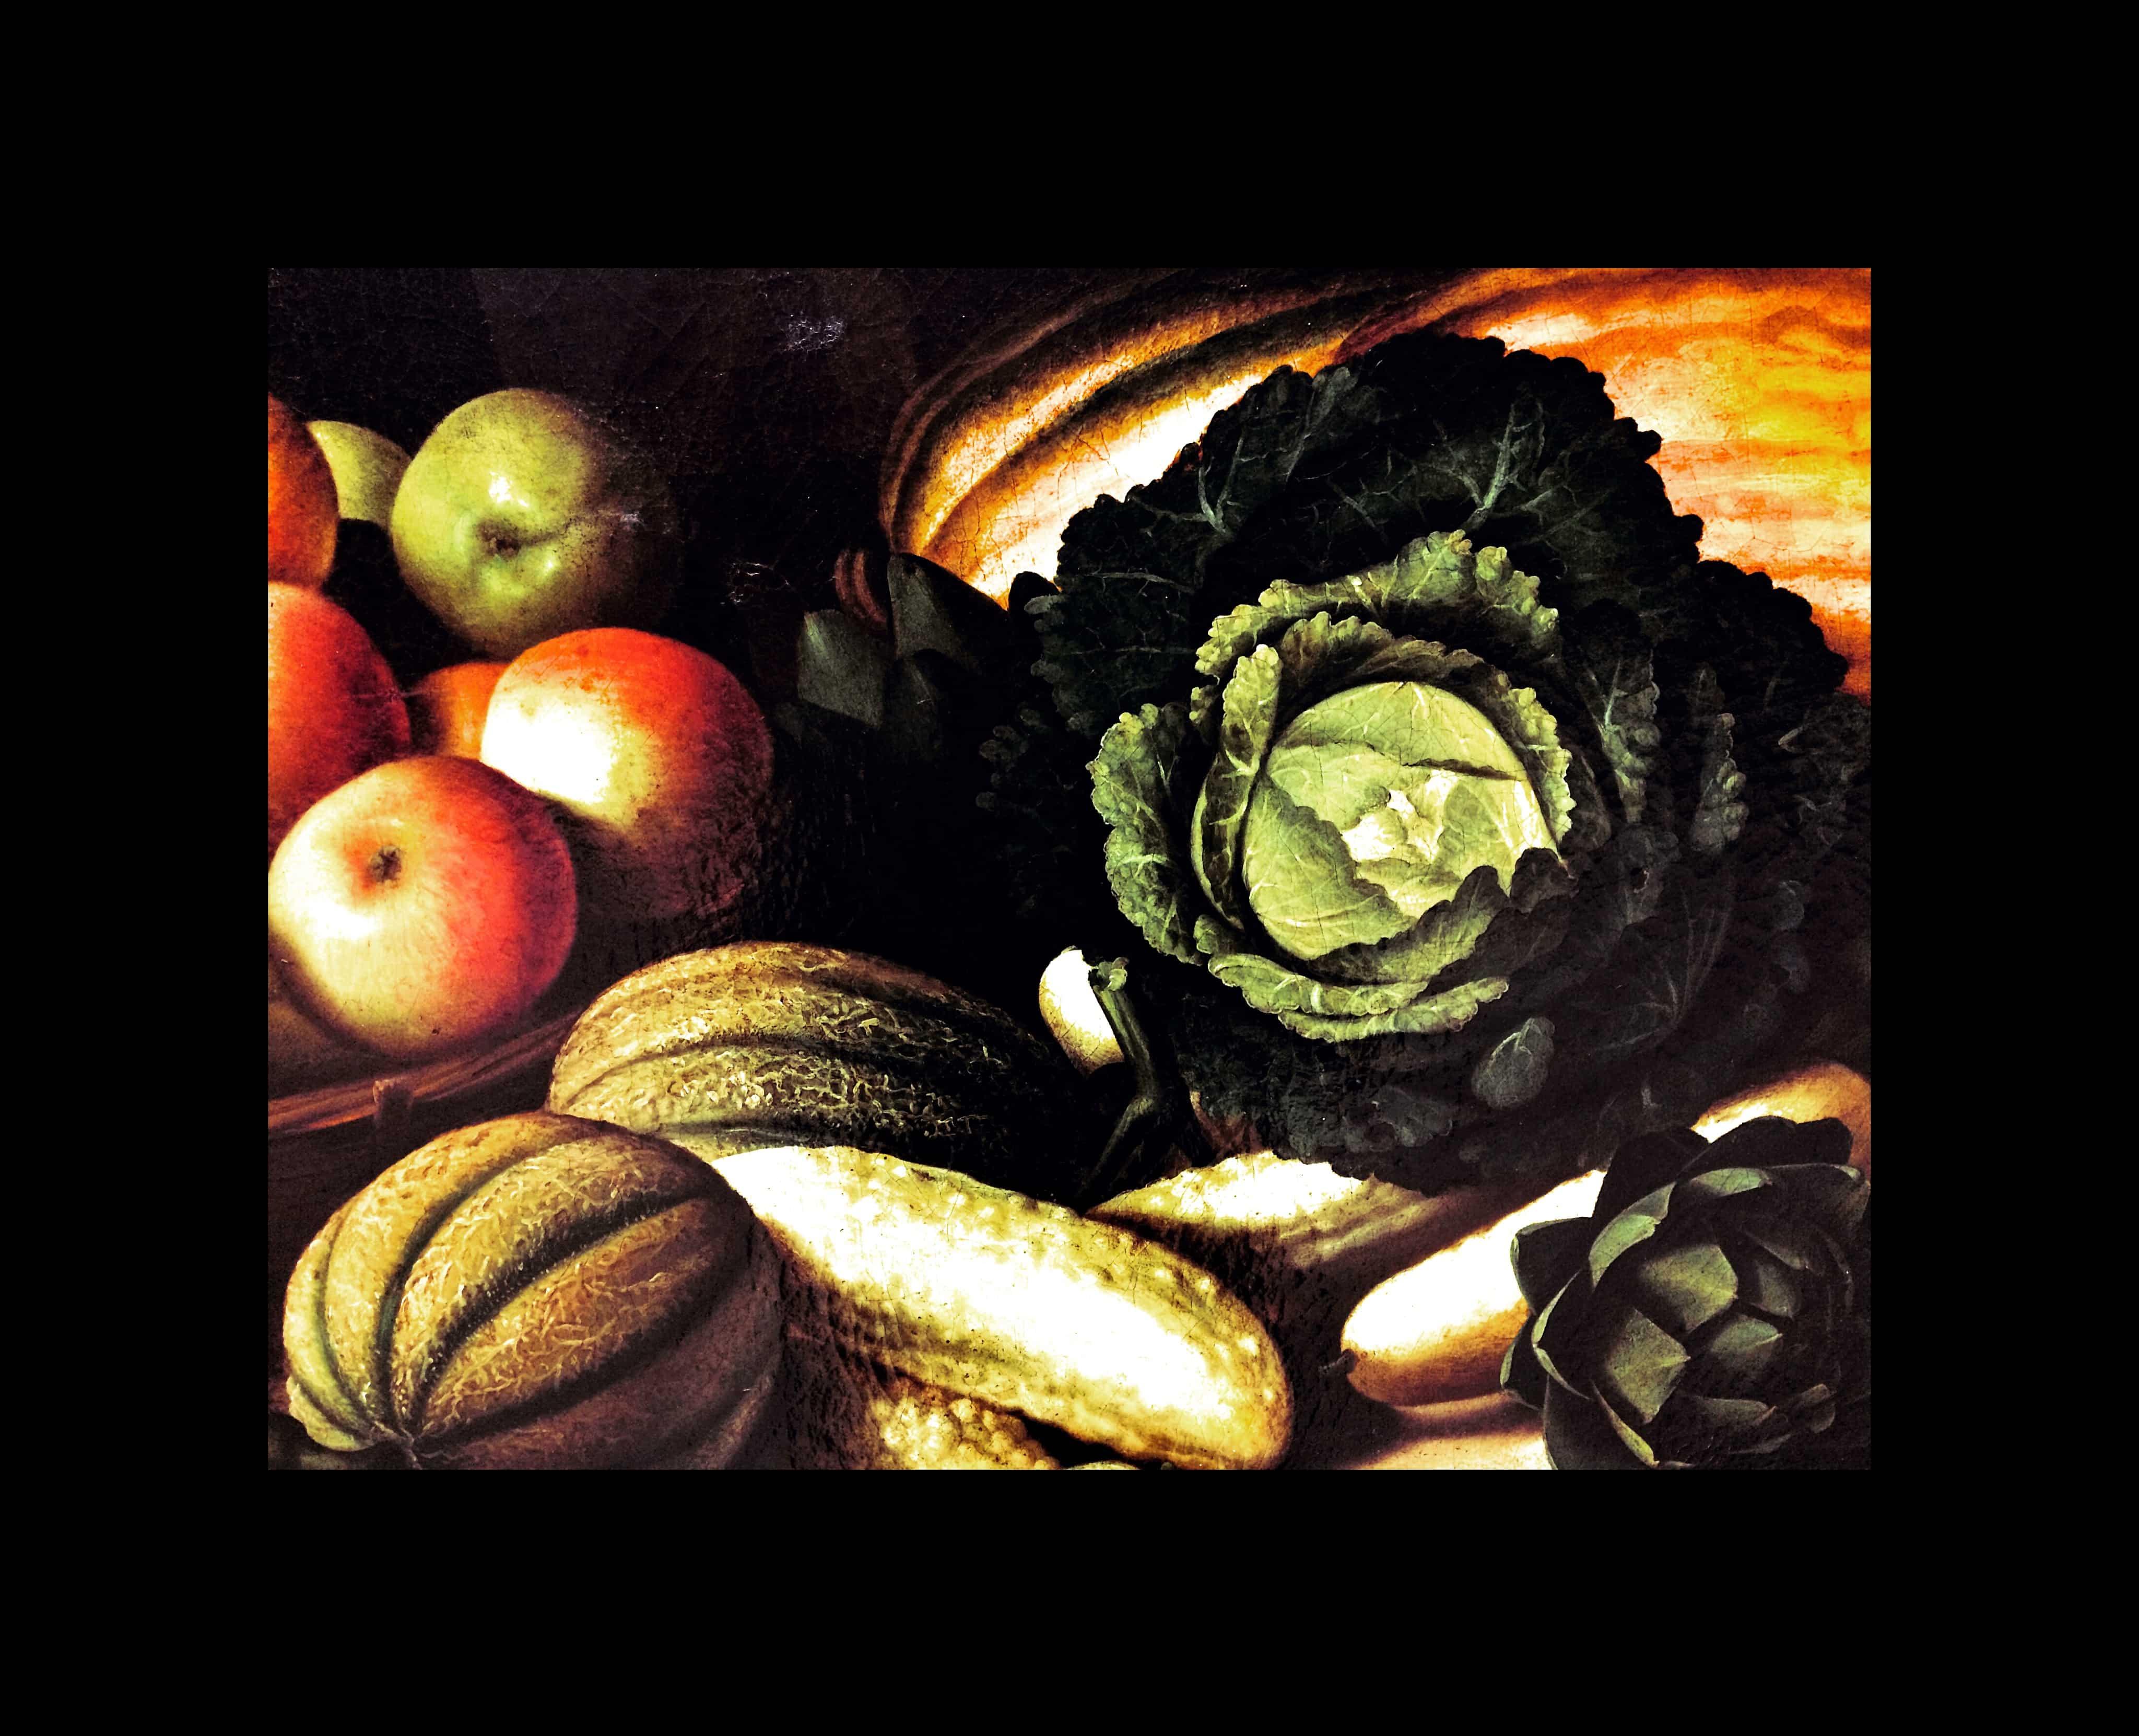 Peinture d'une nature morte avec fruits et légumes